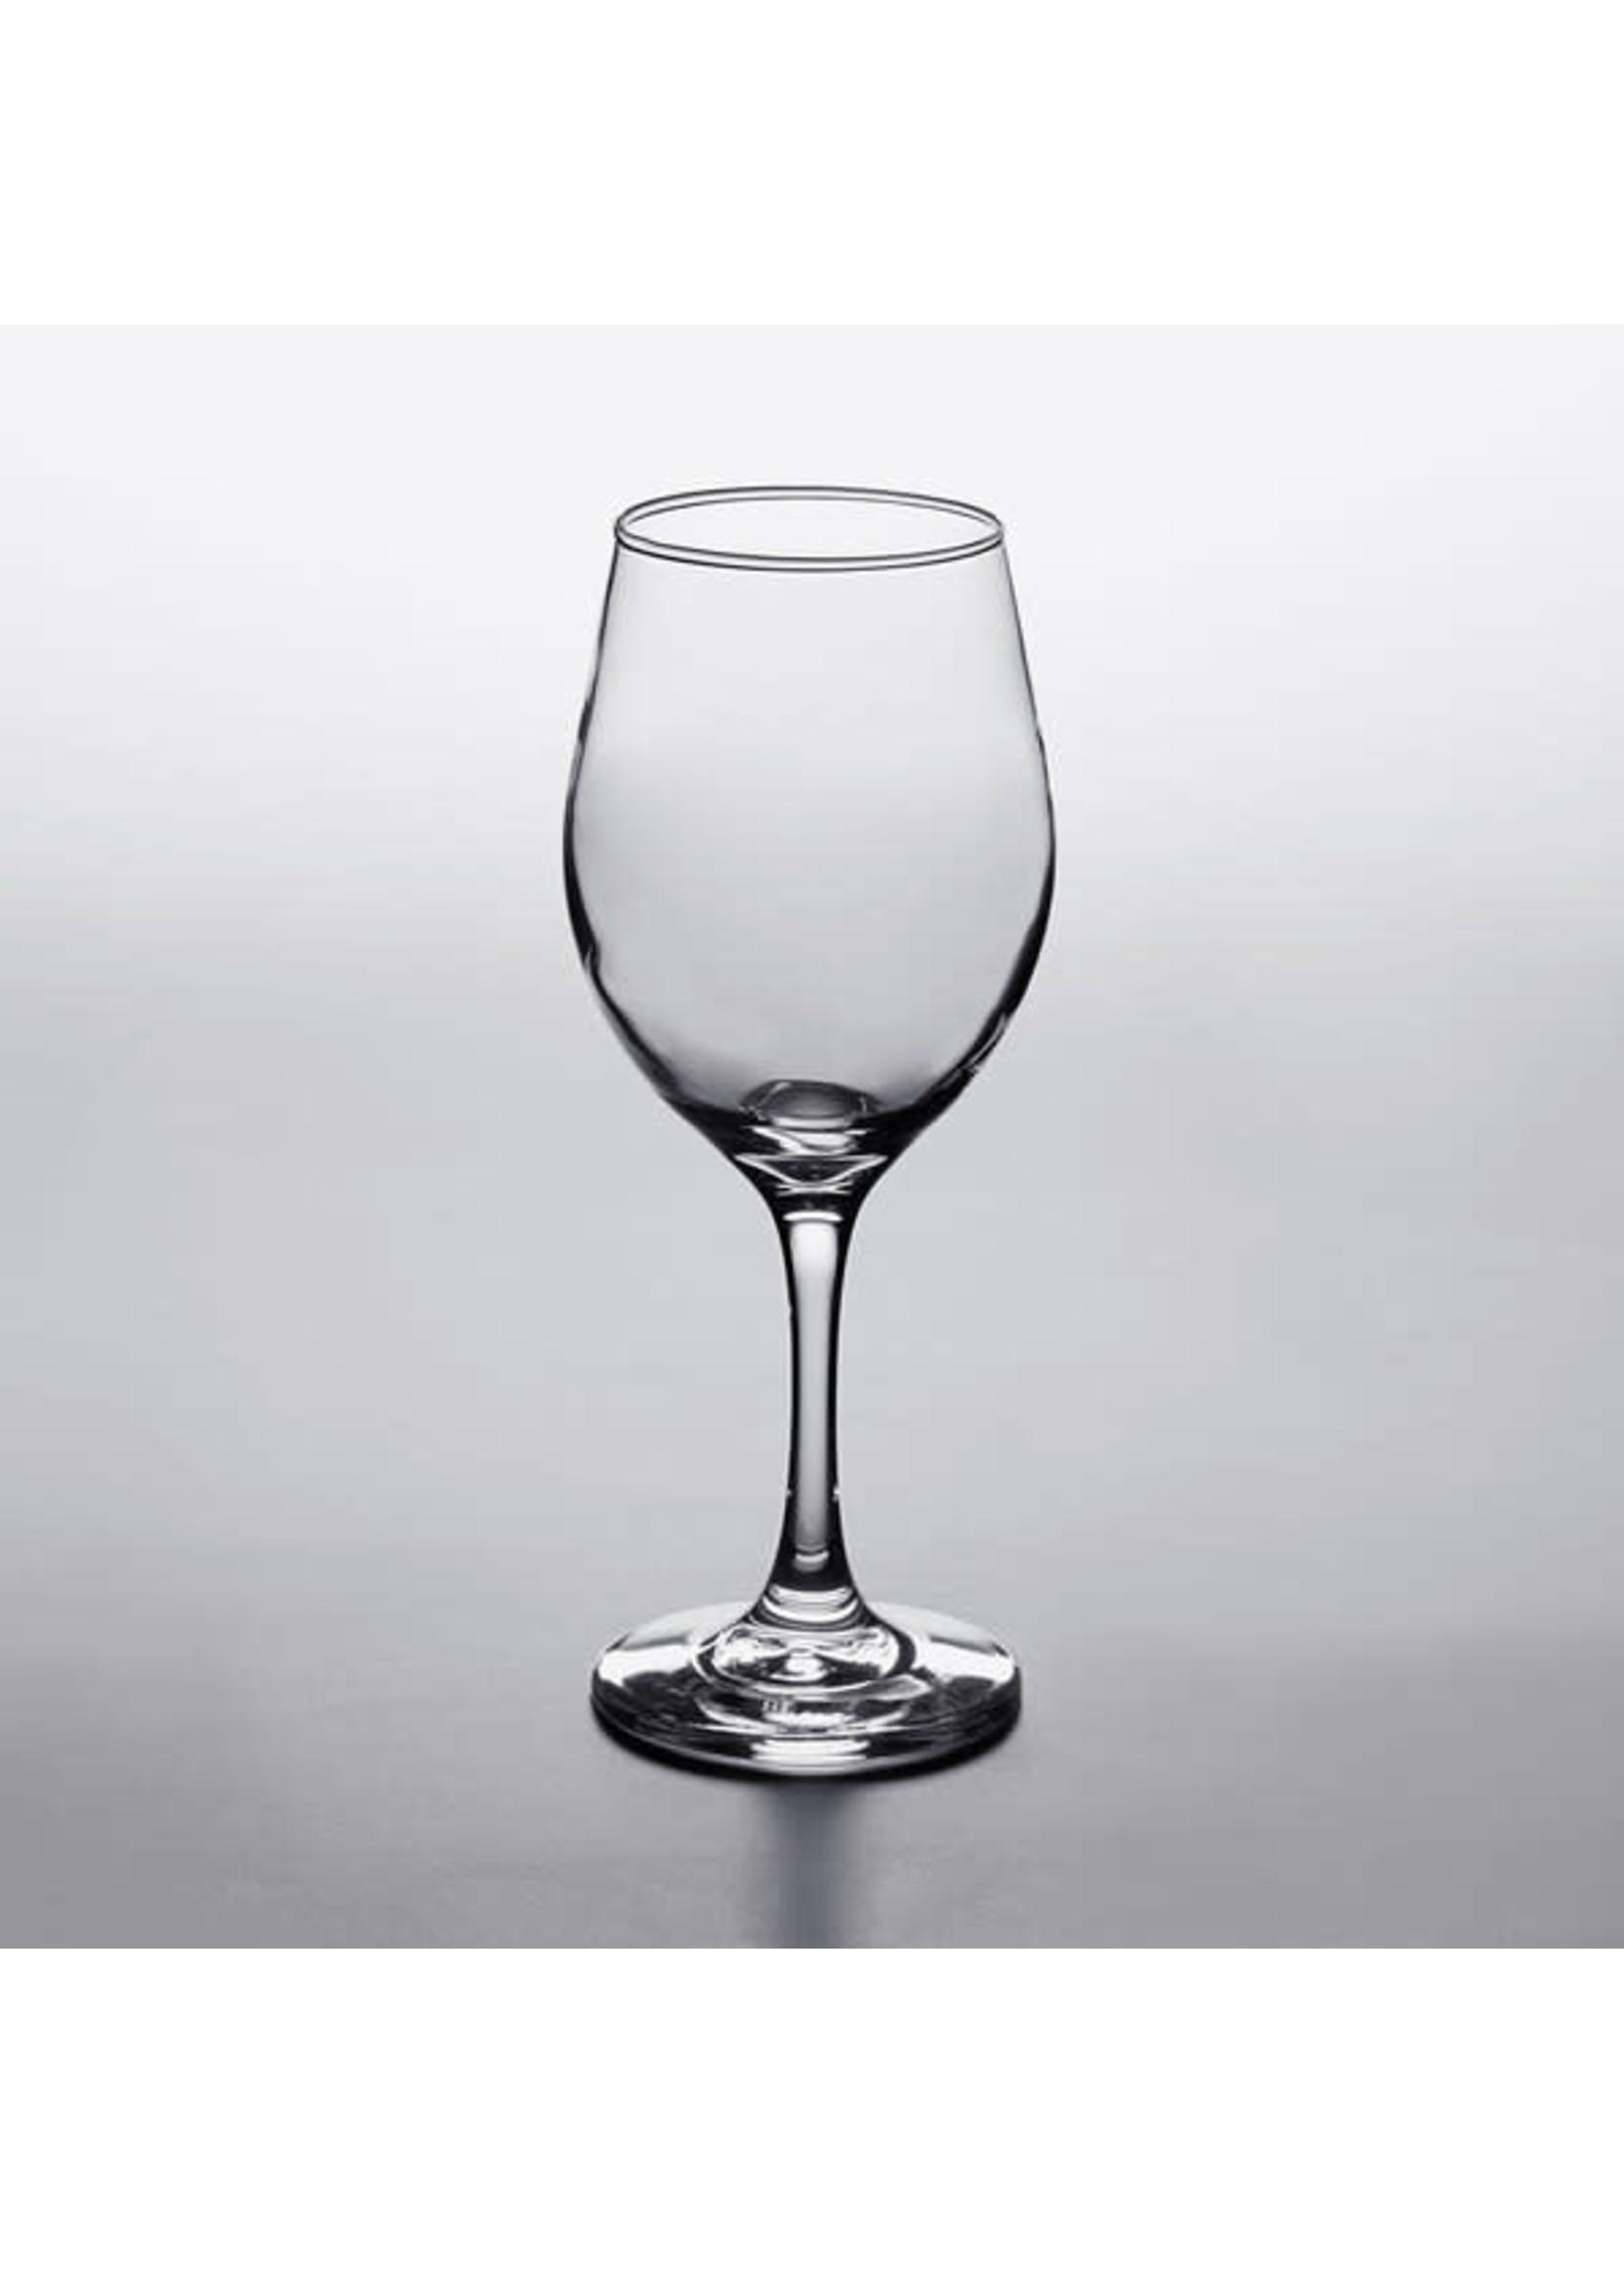 Home Essentials Social White Wine Glass 15oz Set of 6